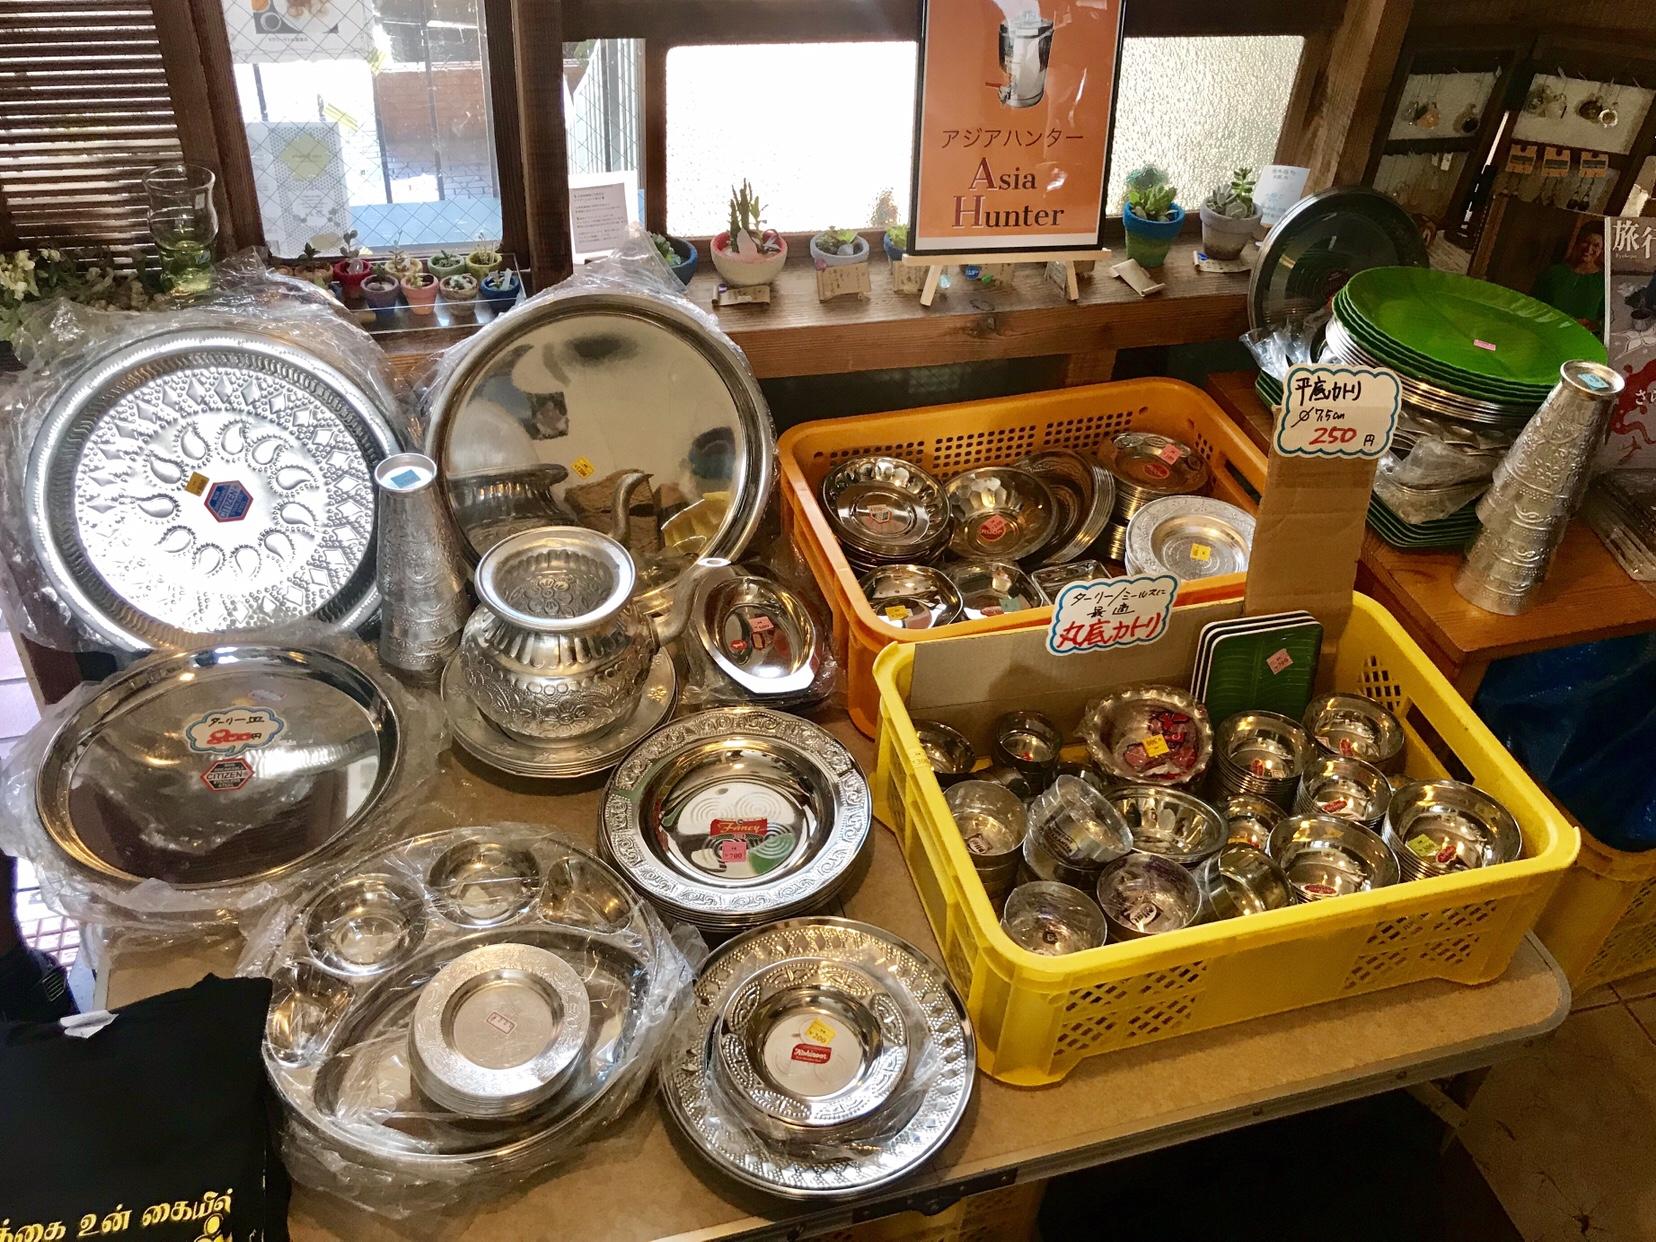 マサラワーラー食べさせられ放題 in 茅ヶ崎 アジアハンターの食器類も大盛況